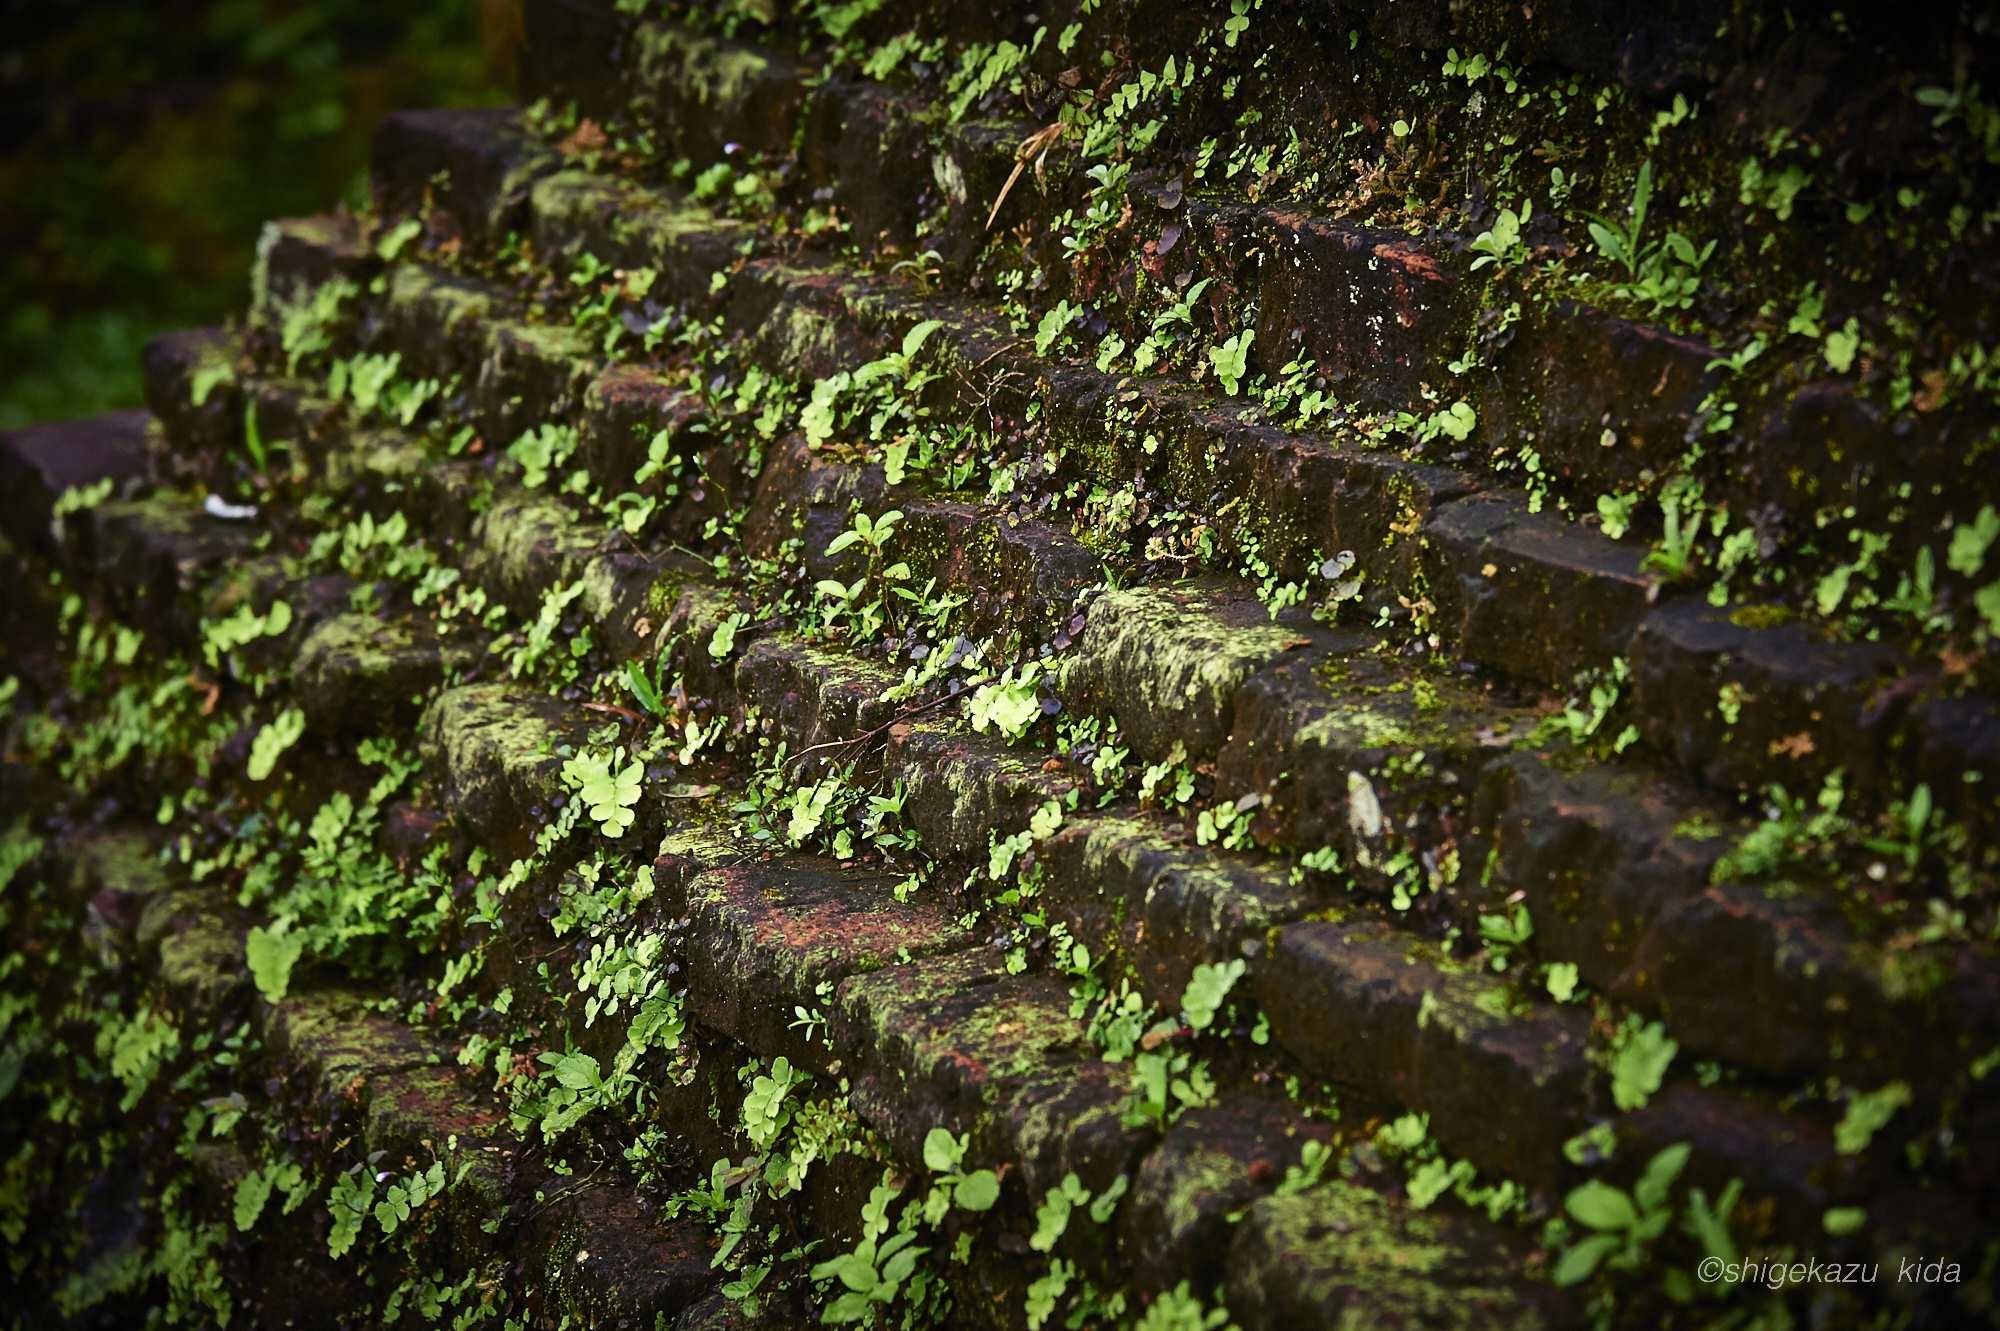 ベトナムMySonSanctuary(ミーソン遺跡)の祠堂のレリーフに生える草